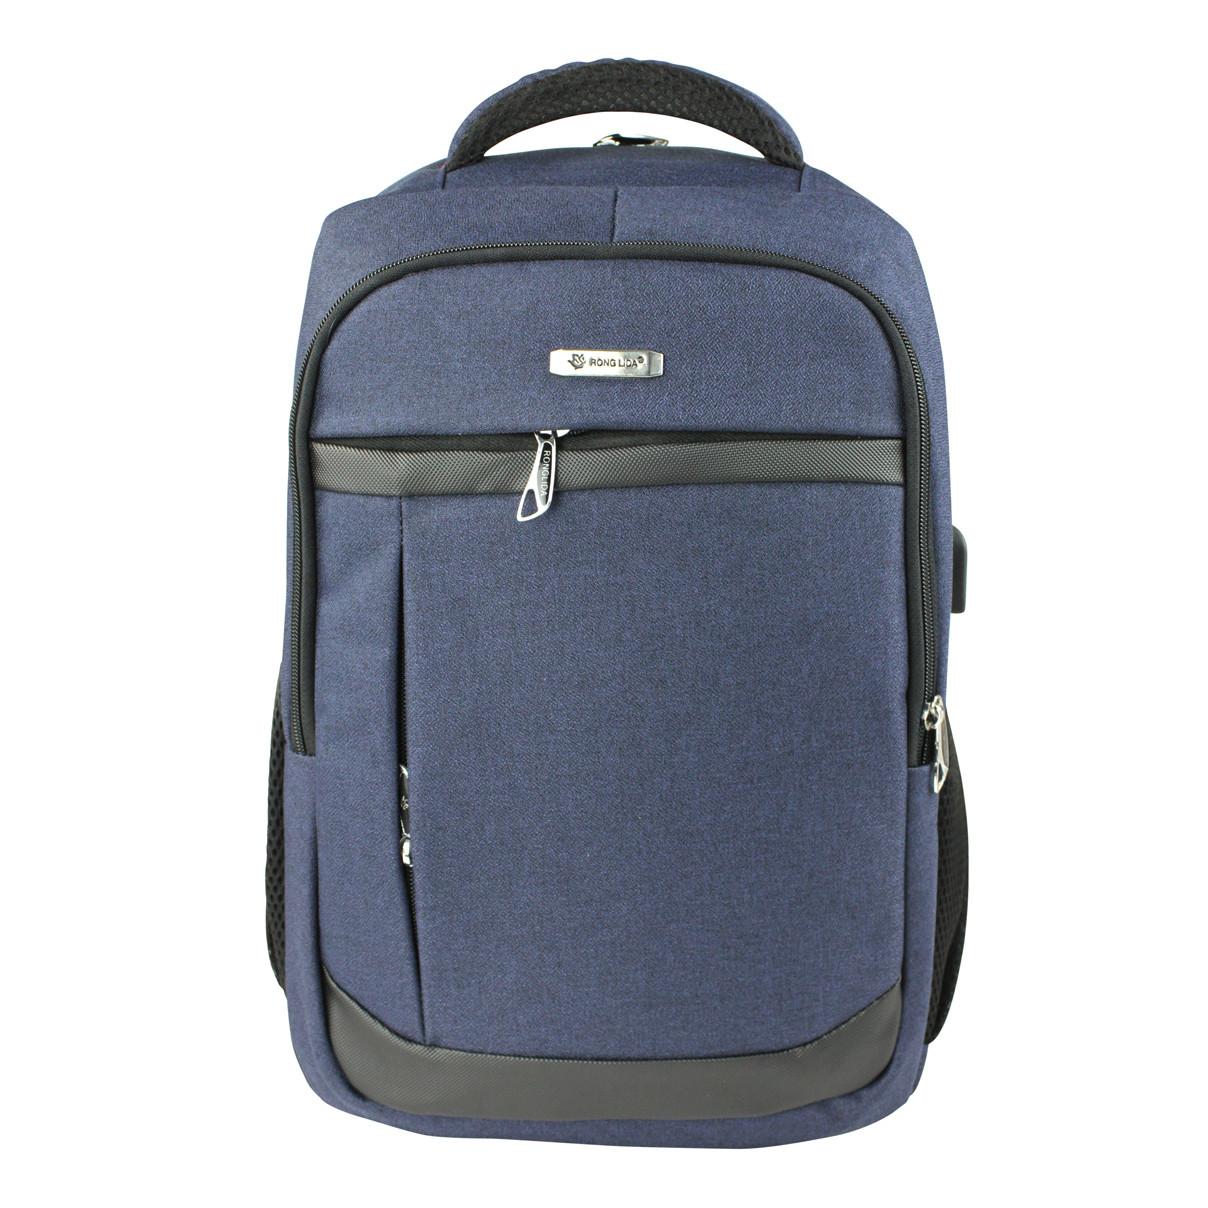 Рюкзак городской деловой повседневный тканевый Medium с отделением под ноутбук синий